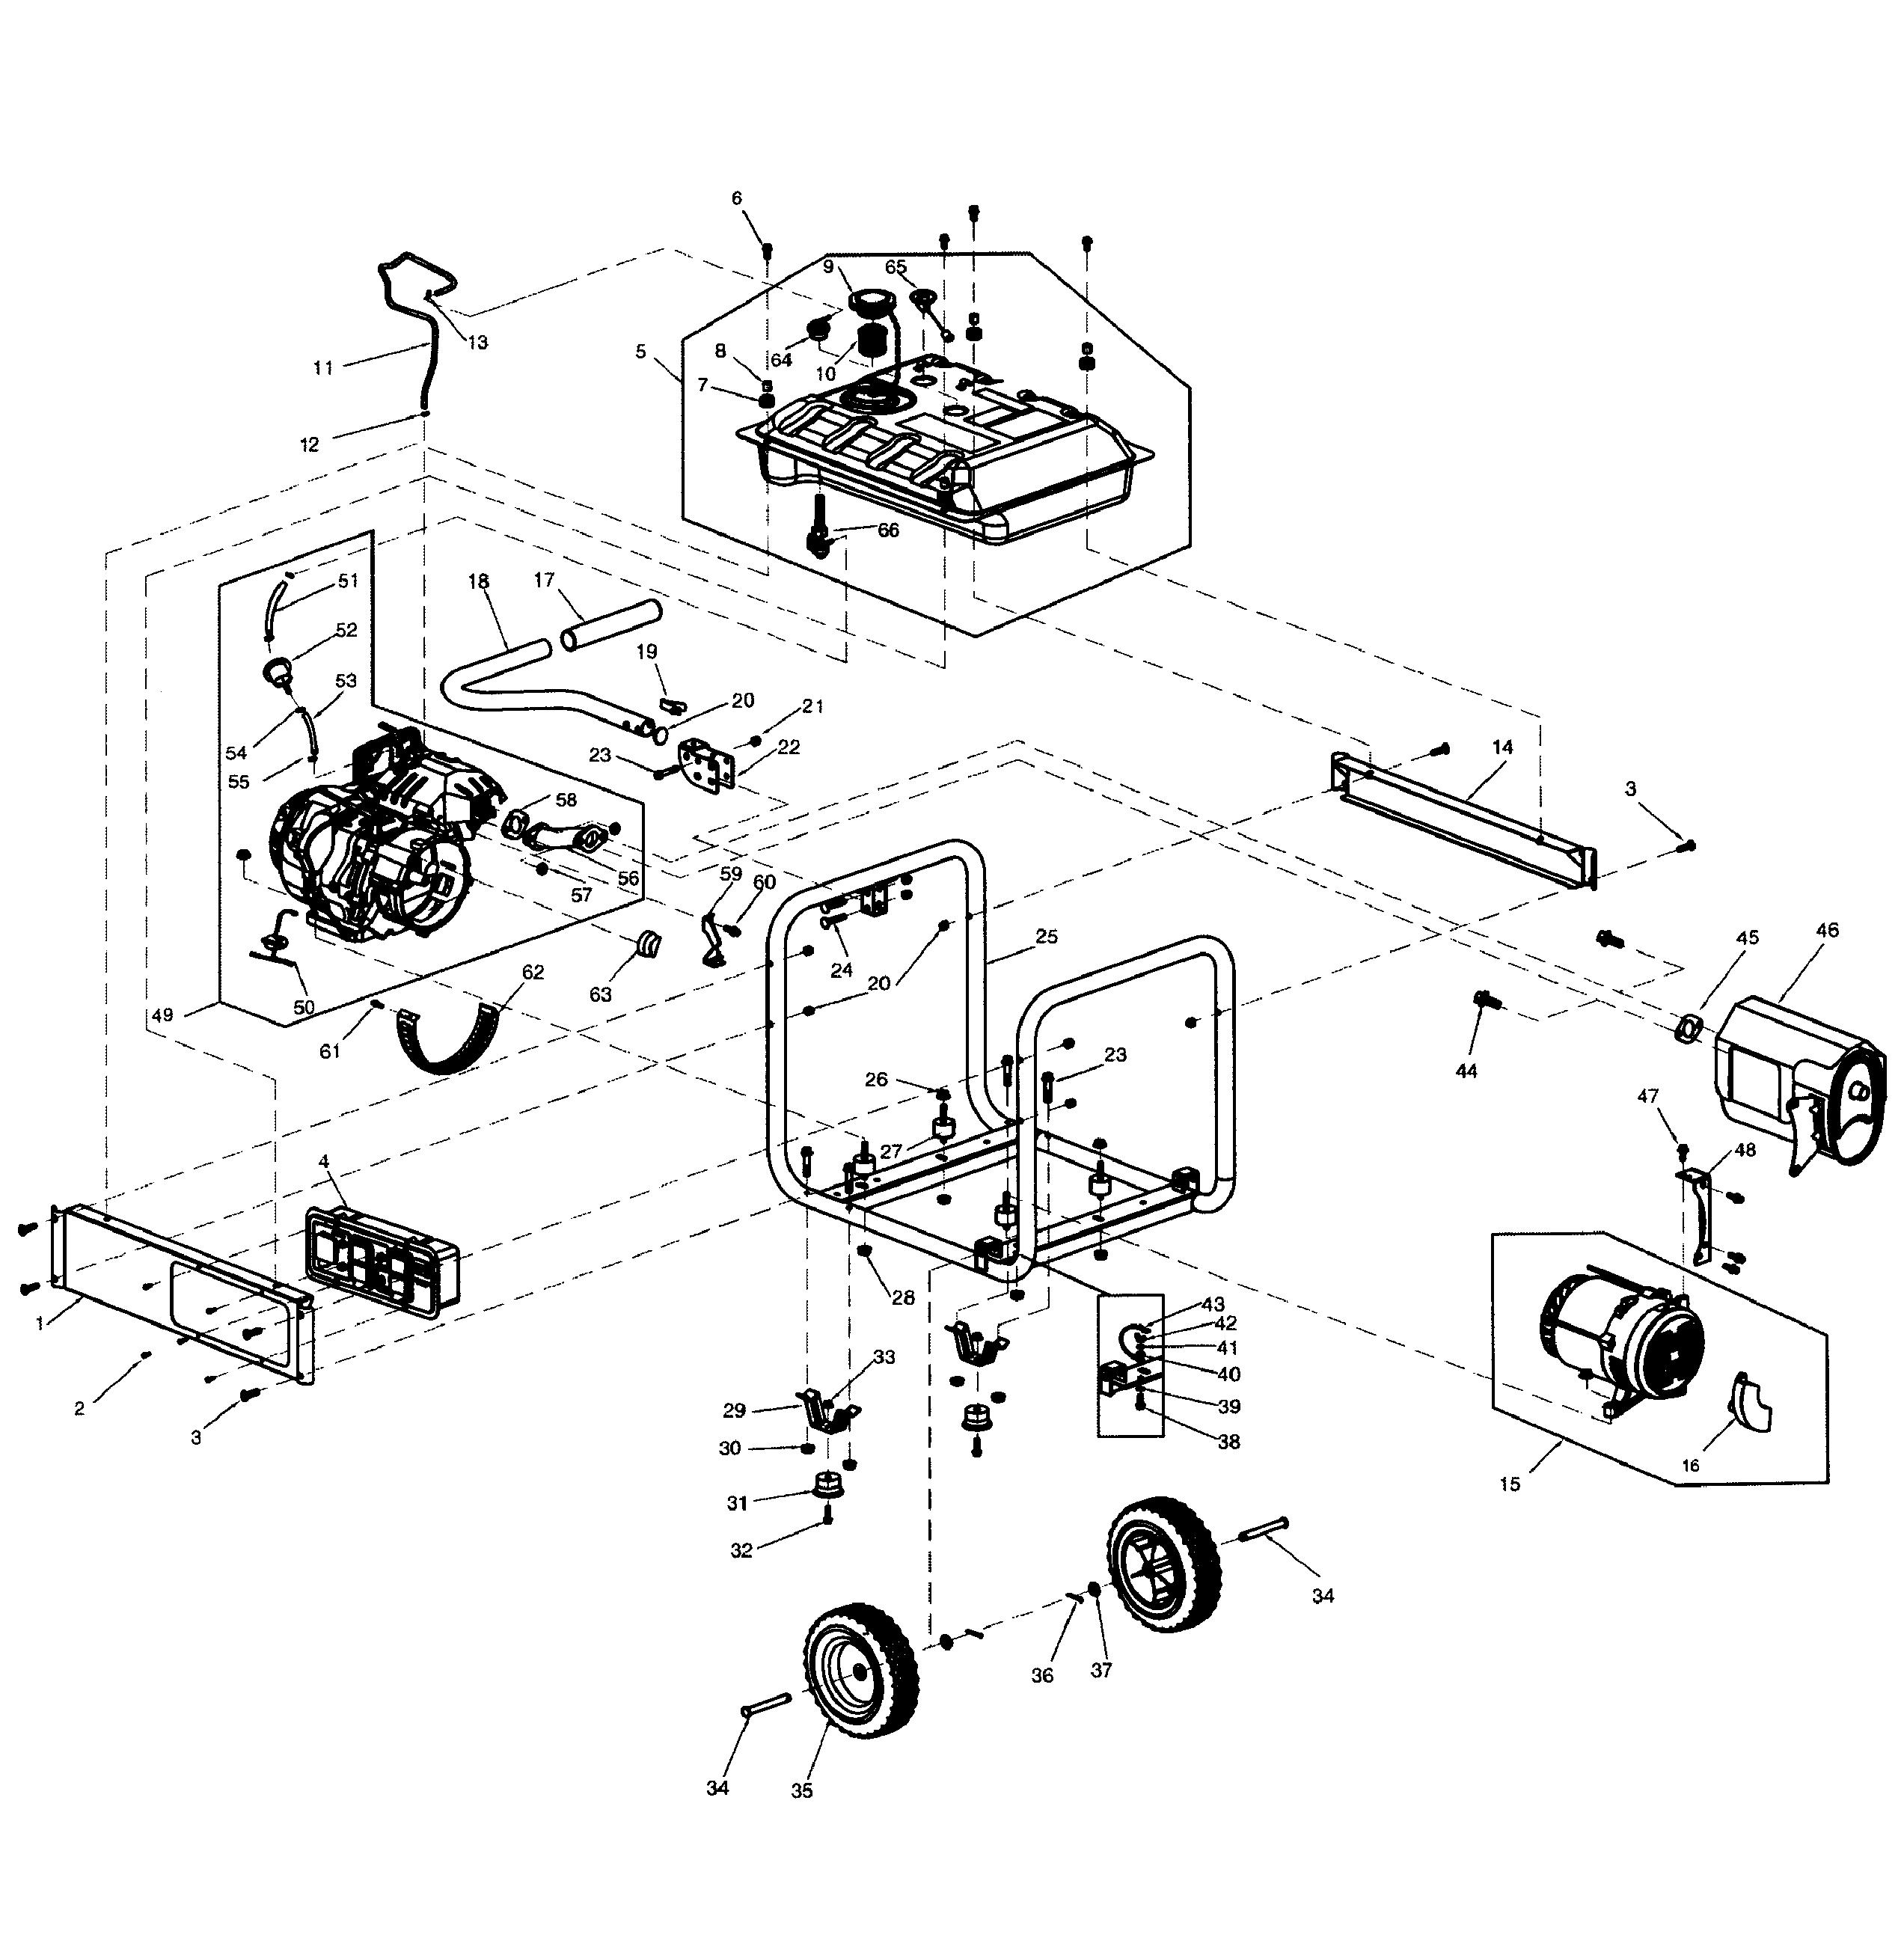 [WRG-1635] Generac 4000 Wiring Schematic